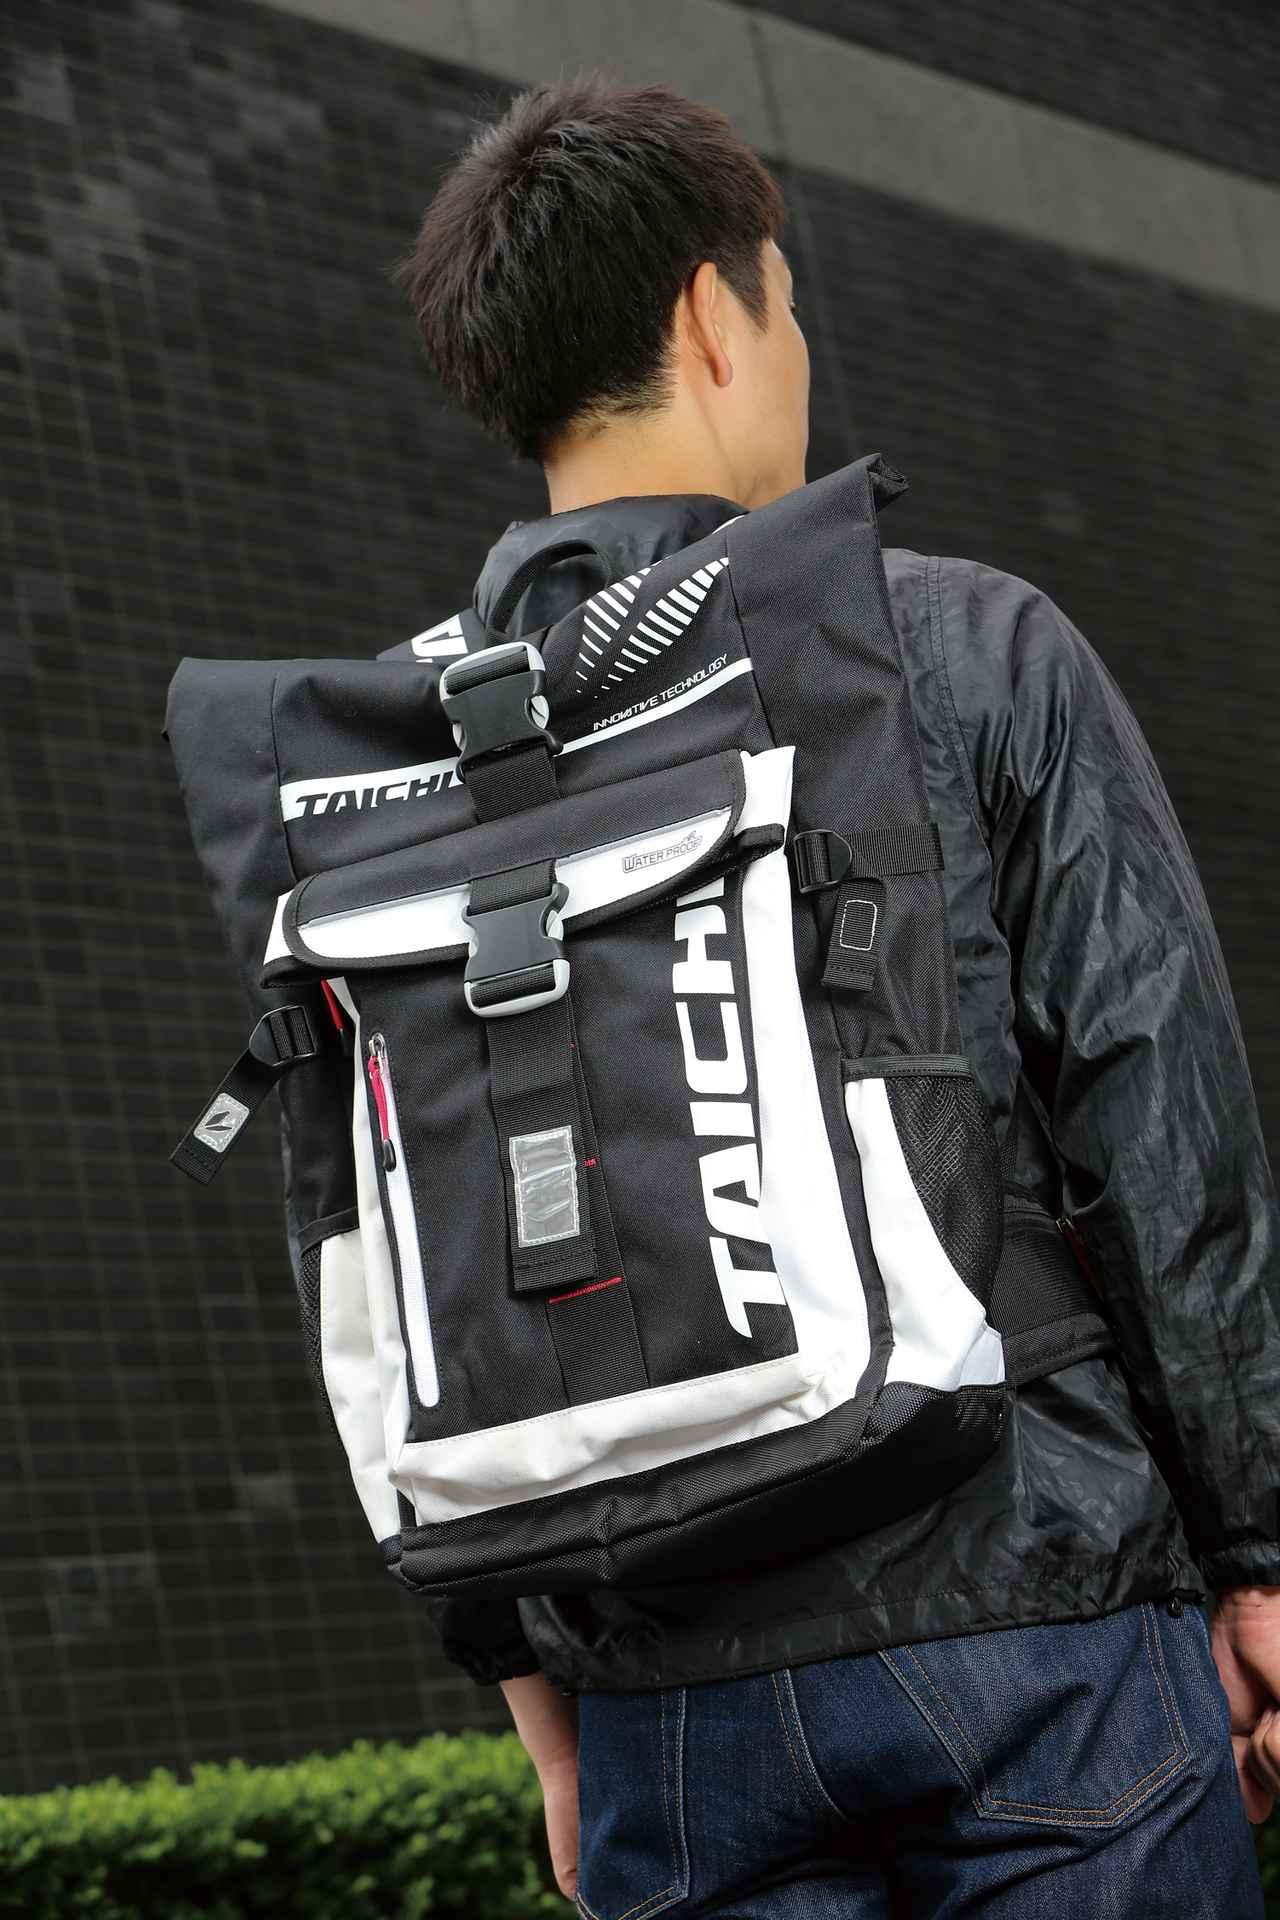 画像: スポーツ WP バックパック 価格:1万6200円 [カラー] ホワイト、ブラック、カモフラージュ サイズ] W23×D30×H52㎝ [容量] 25L